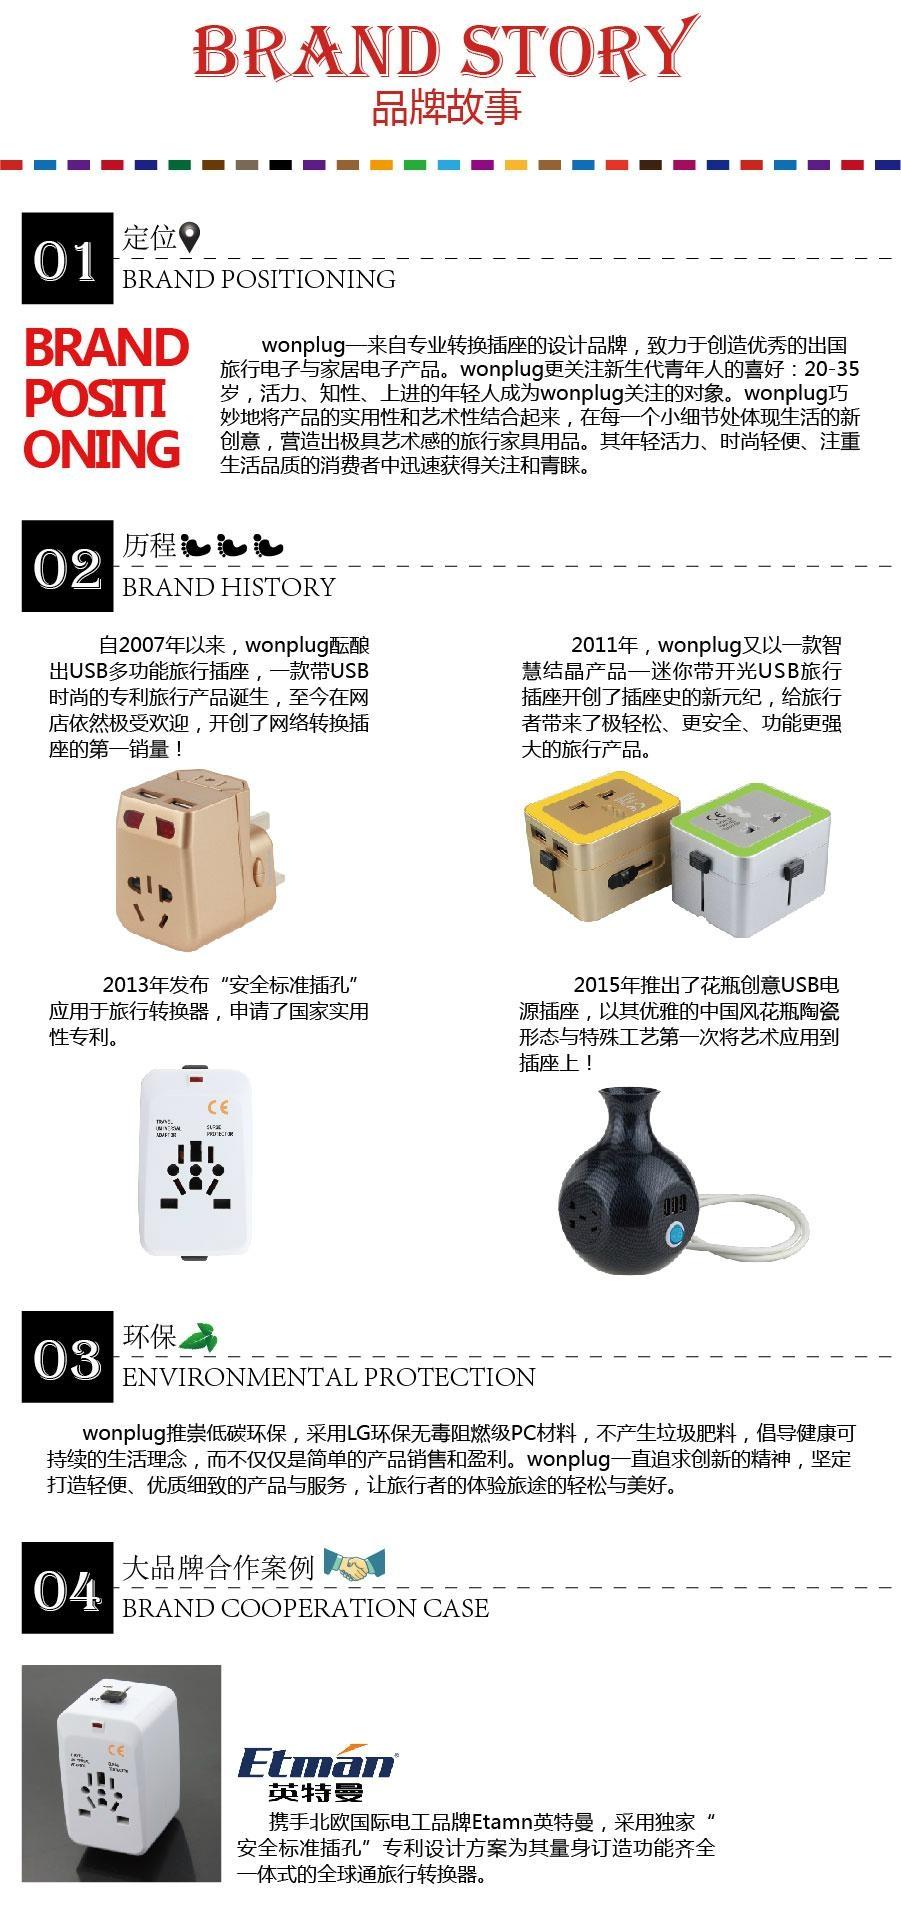 广州万浦电器转换插头品牌故事